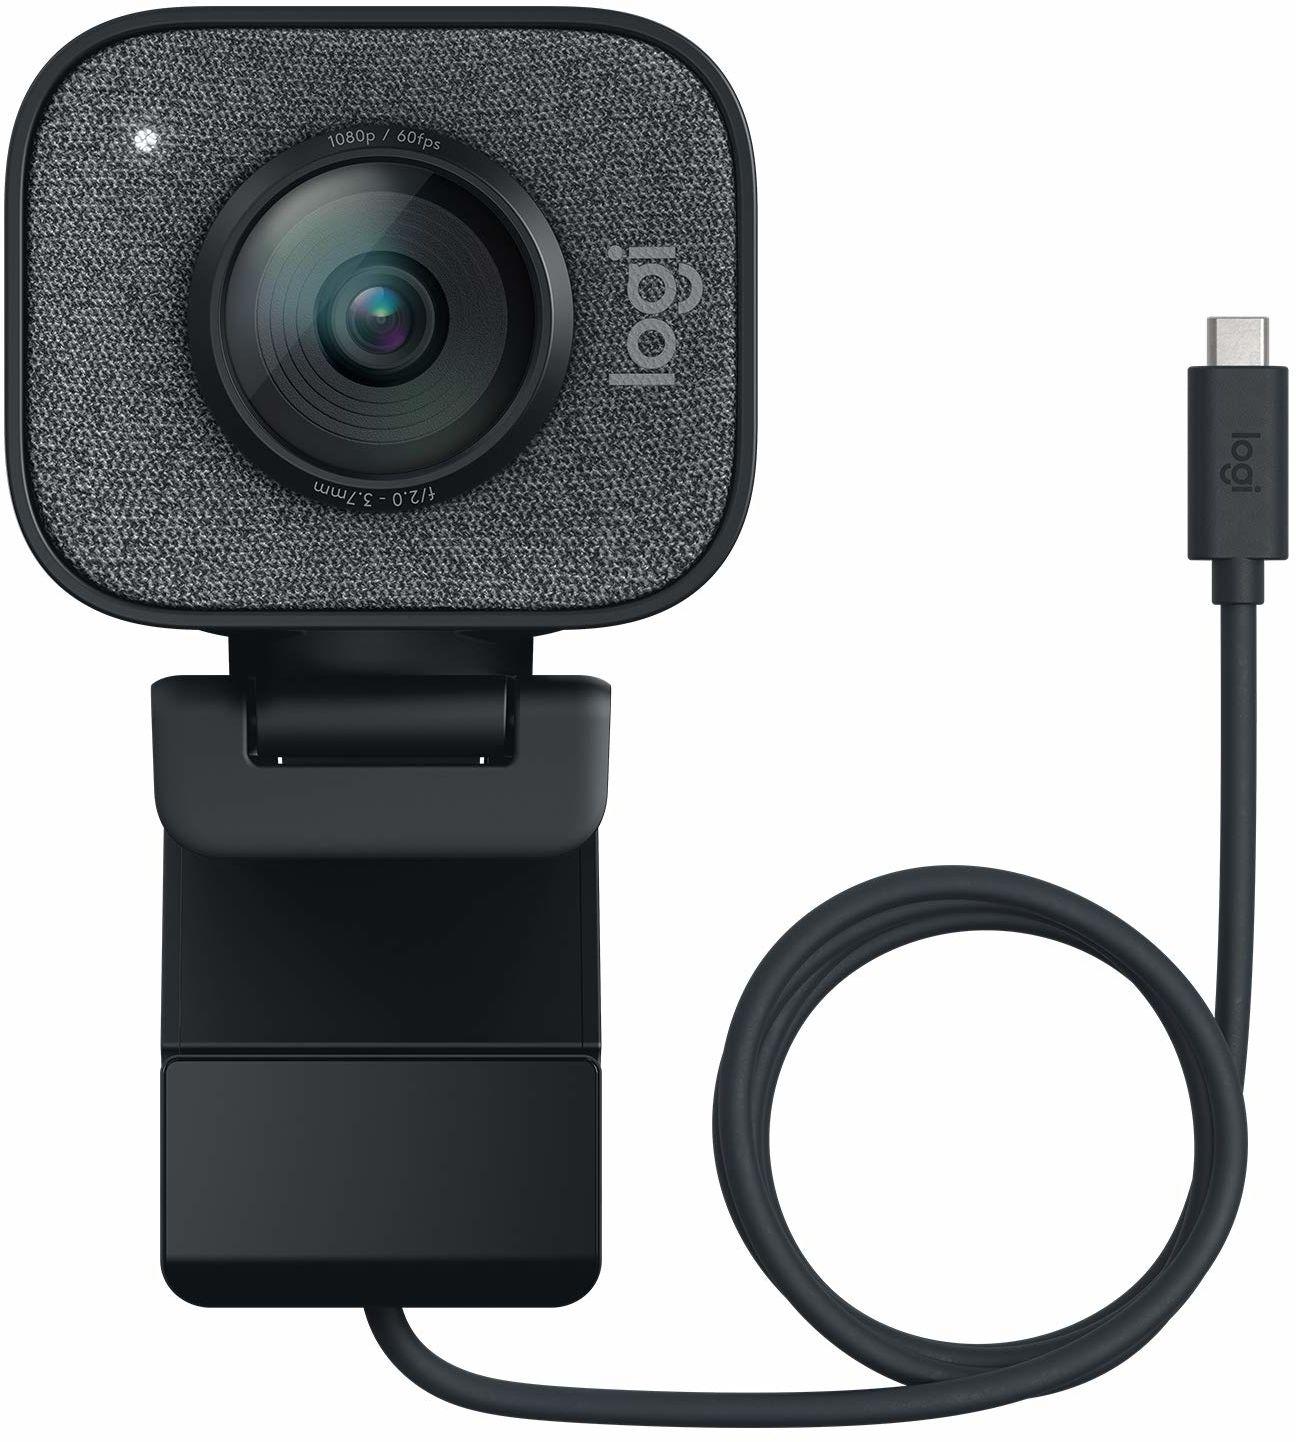 Logitech Streamcam Kamera Full Hd Ze Złączem Usb Typu C Do Przesyłania Strumieniowego Na Żywo I Tworzenia Treści, Pc/Mac - Szary,960-001281